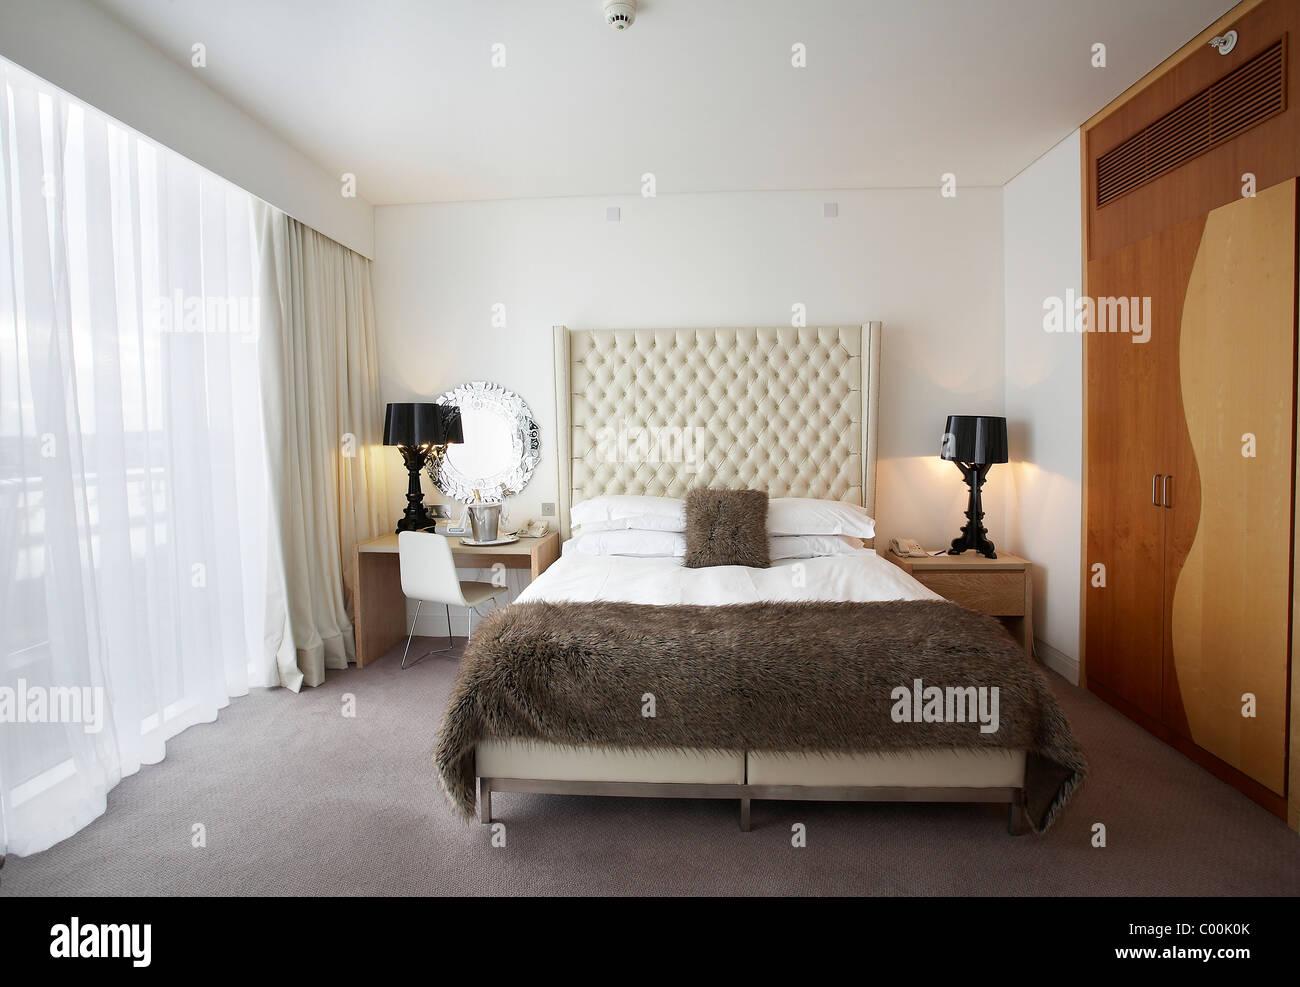 La camera da letto di lusso a st davids hotel cardiff bay for Arredamento hotel lusso